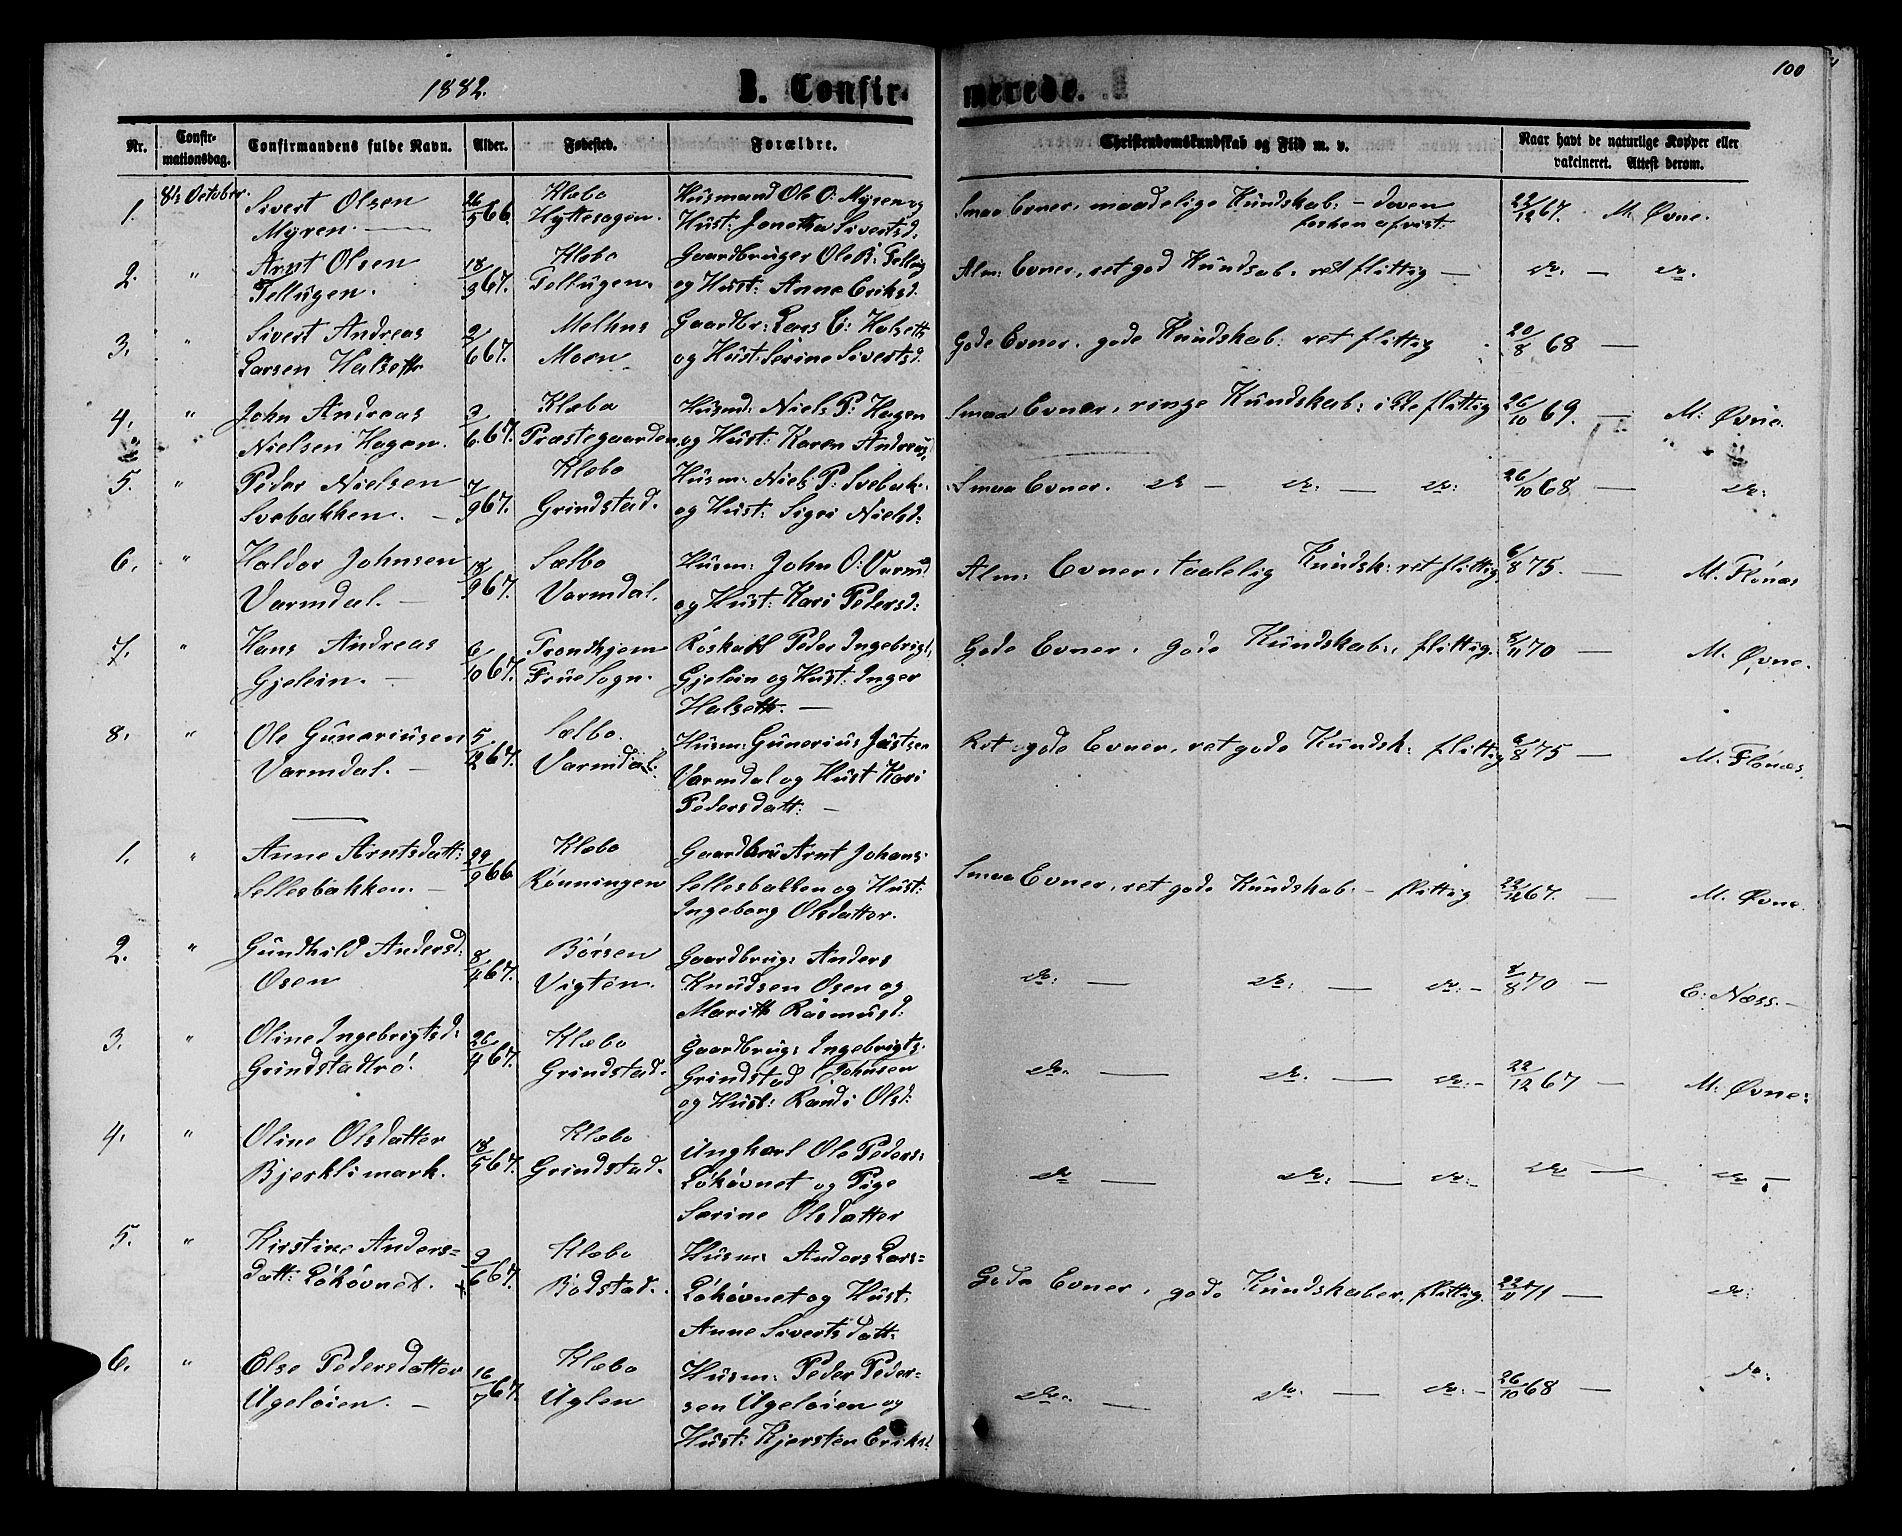 SAT, Ministerialprotokoller, klokkerbøker og fødselsregistre - Sør-Trøndelag, 618/L0451: Klokkerbok nr. 618C02, 1865-1883, s. 100